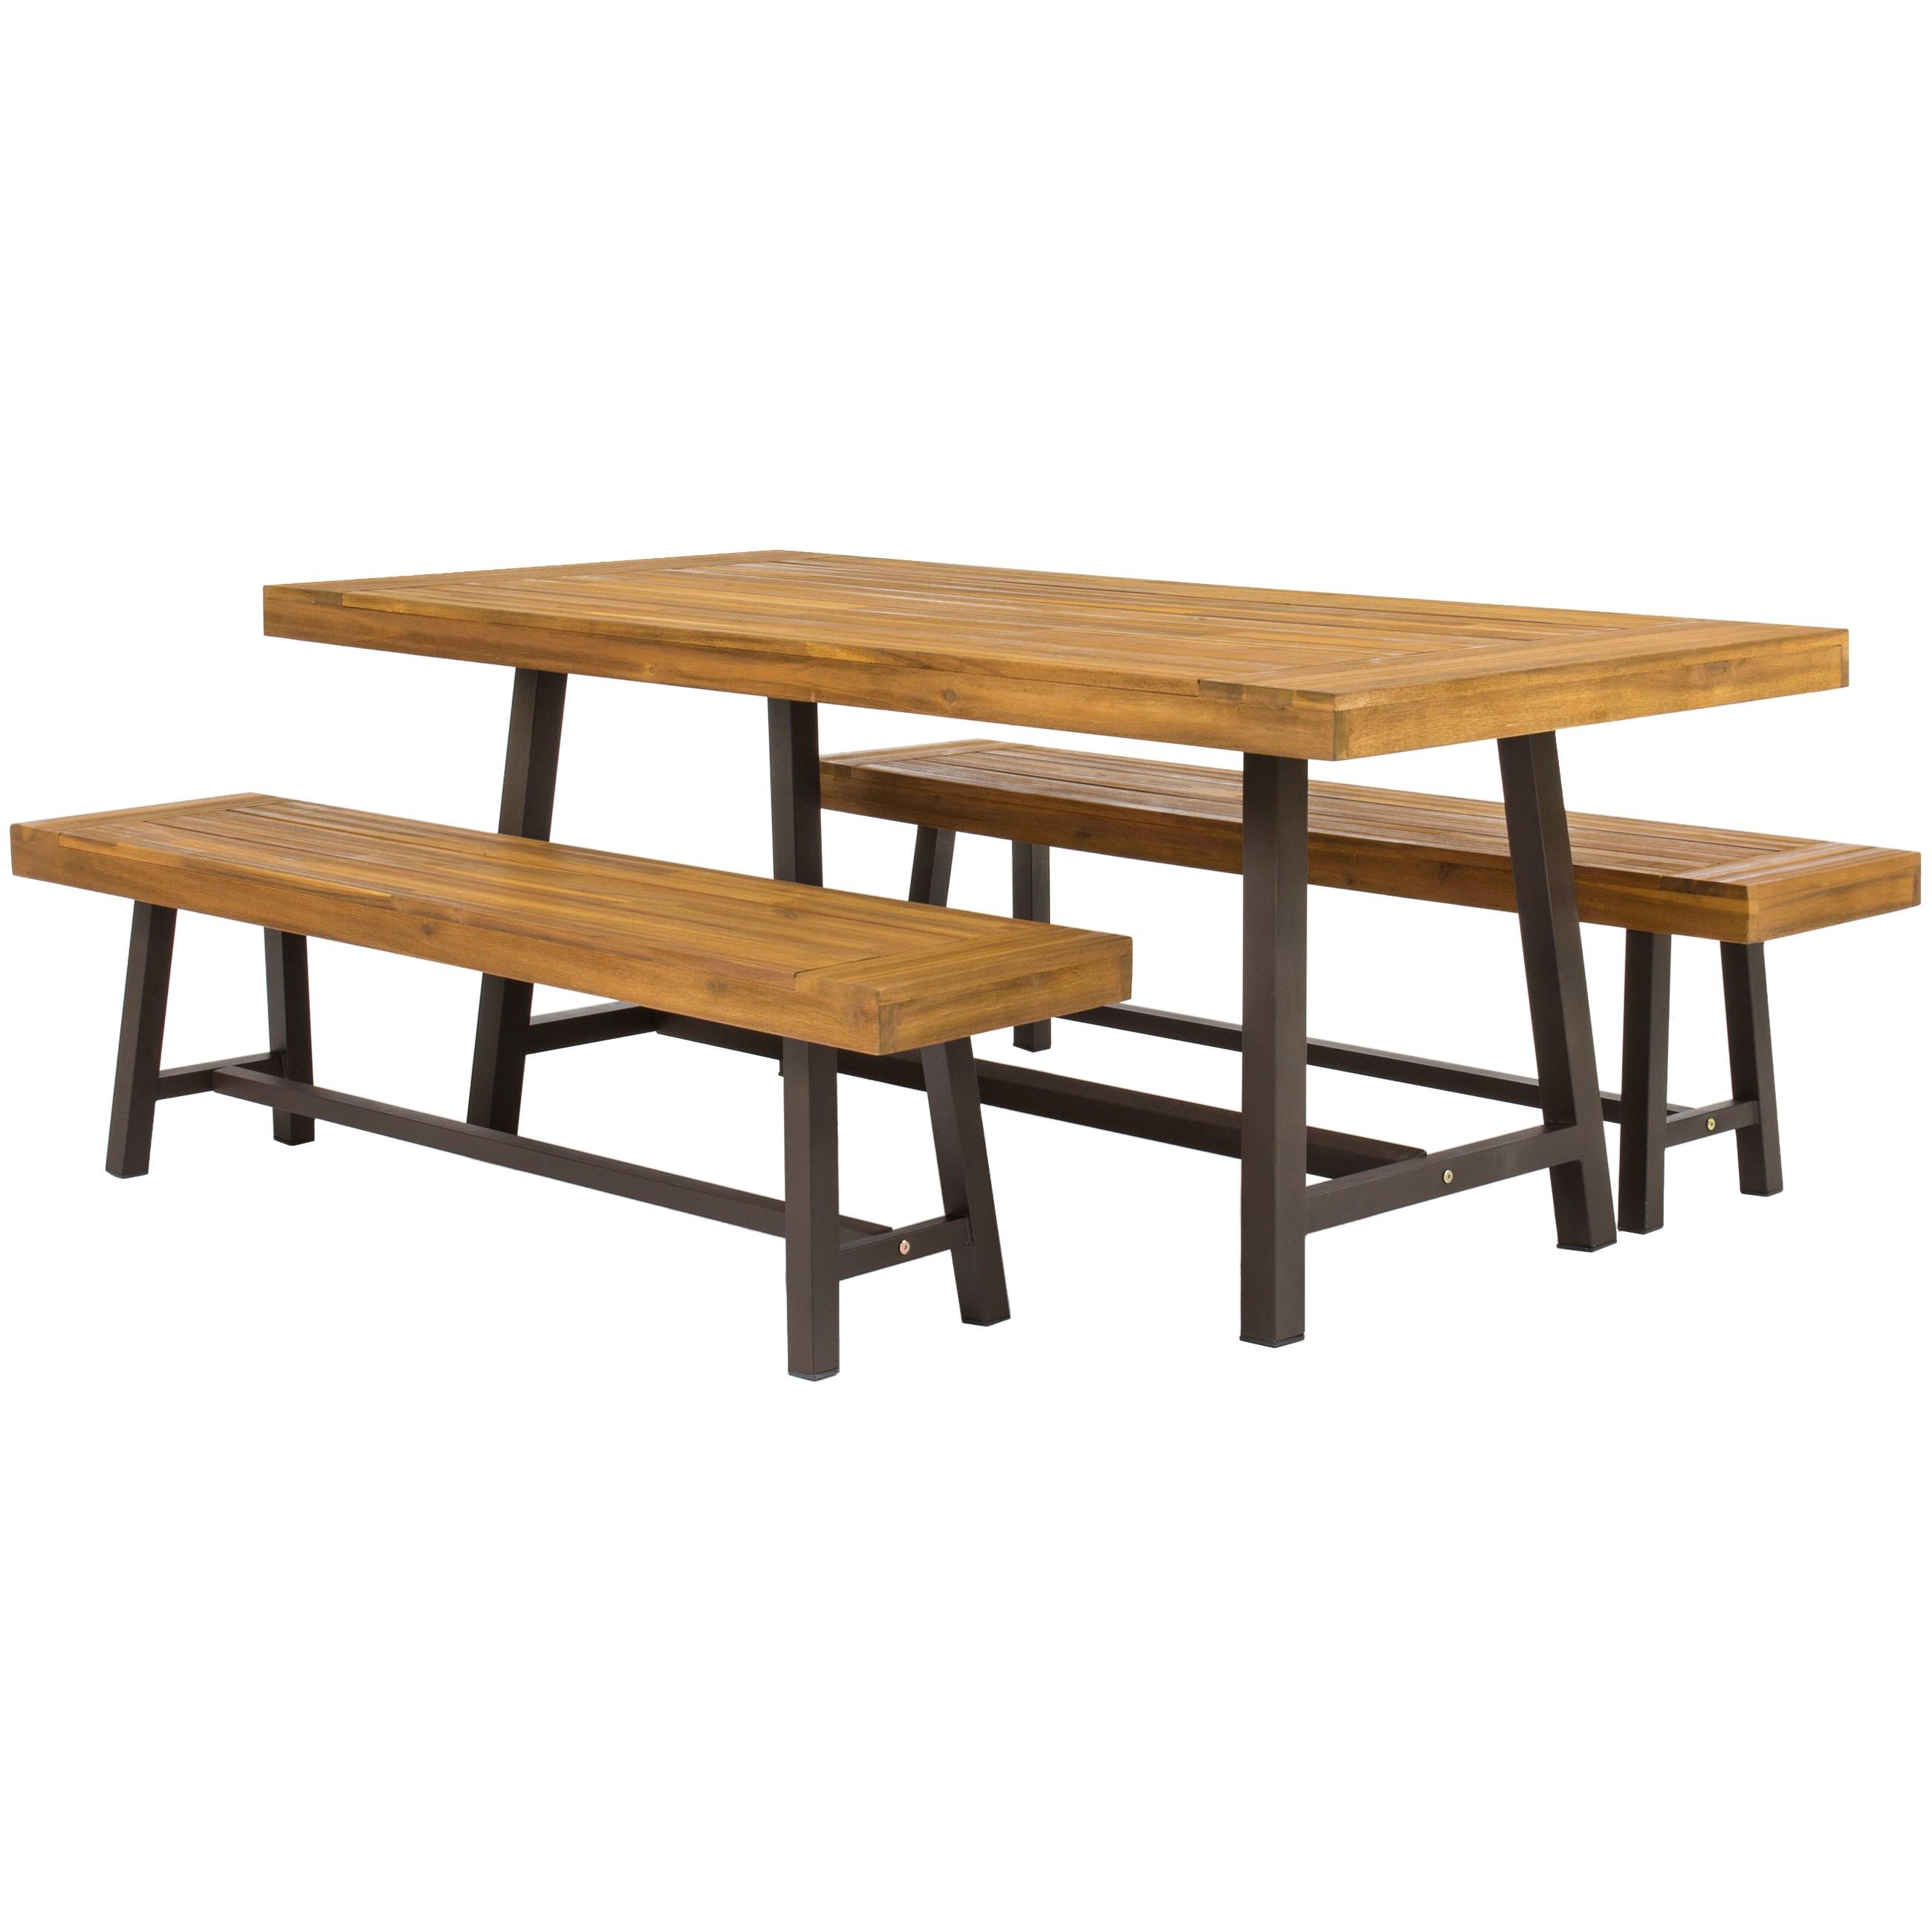 3 Piece Acacia Wood Picnic Dining Set